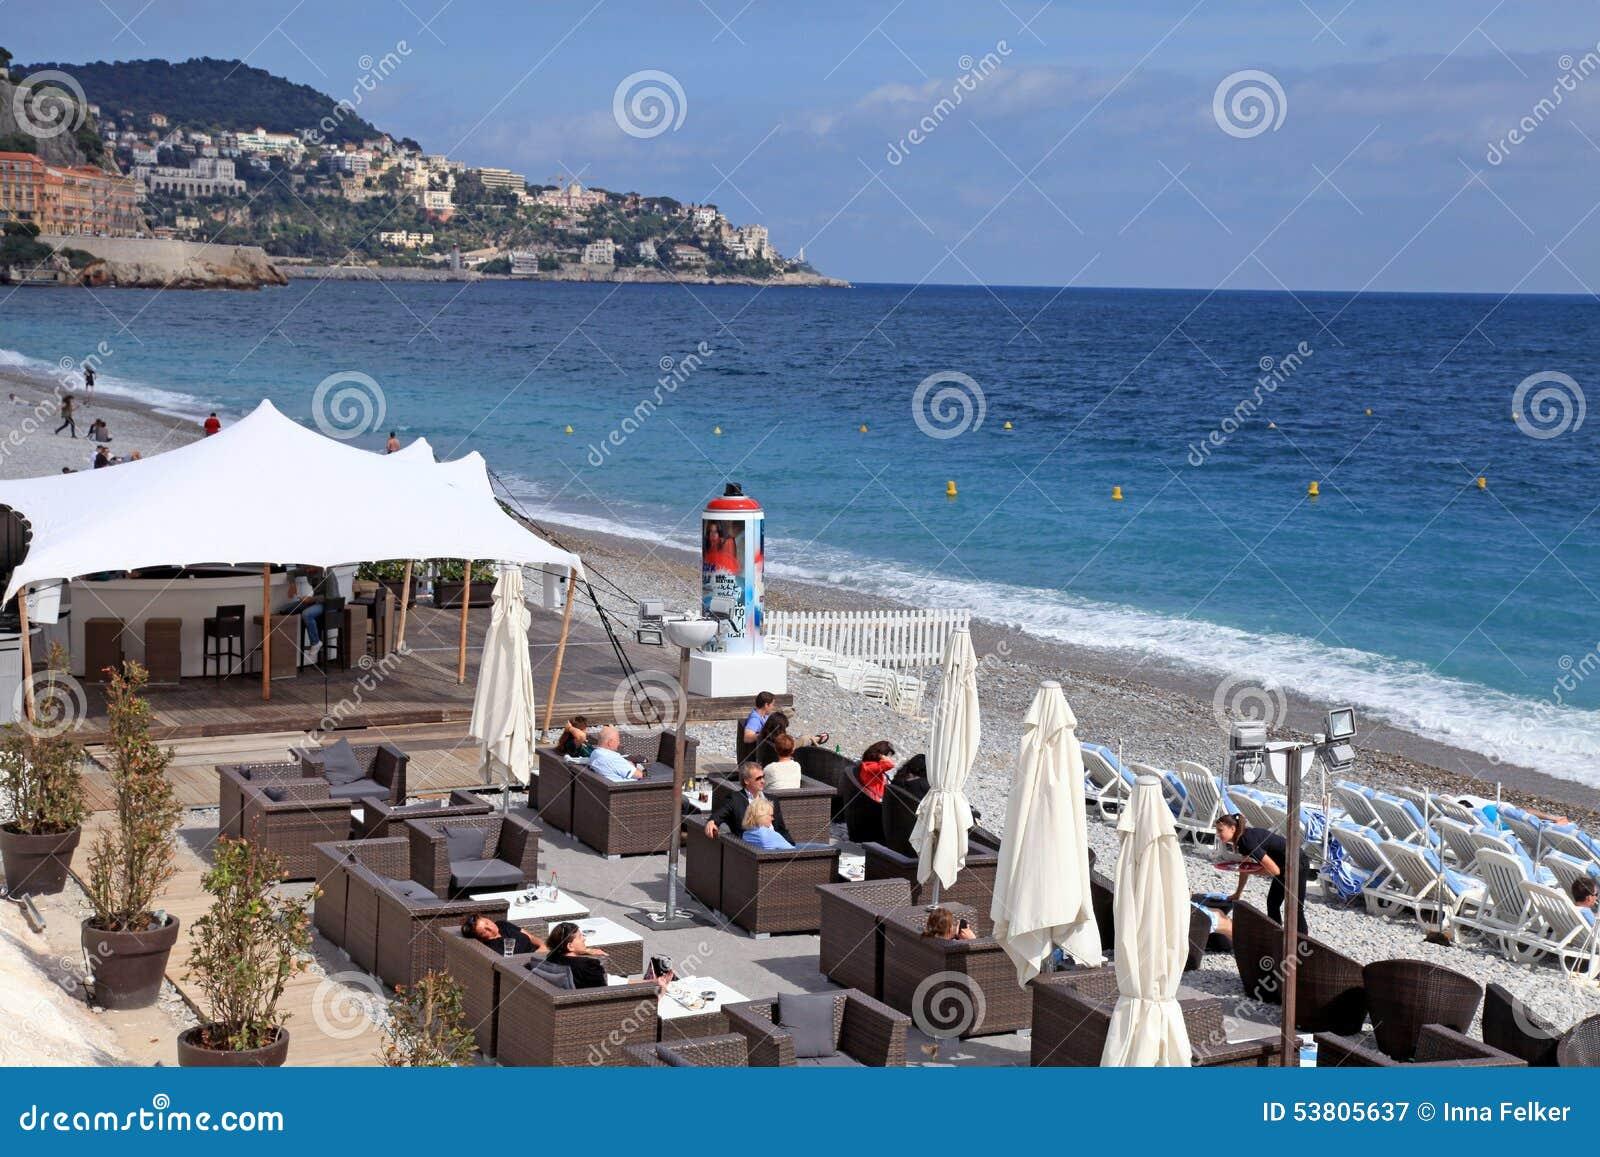 Shoreline Beach Cafe Prices